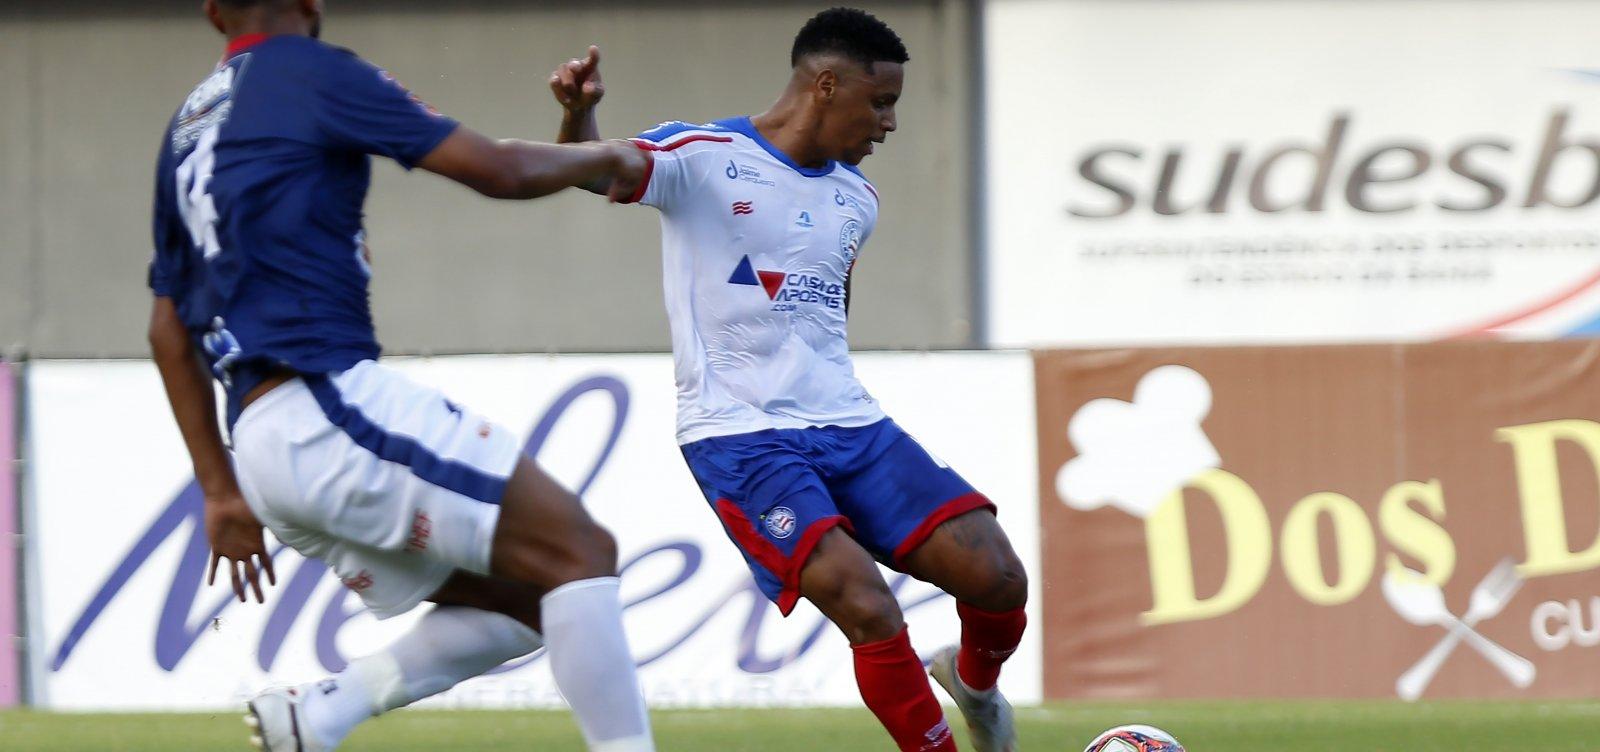 Bahia vence Bahia de Feira por 1x0 e mantém chance de classificação